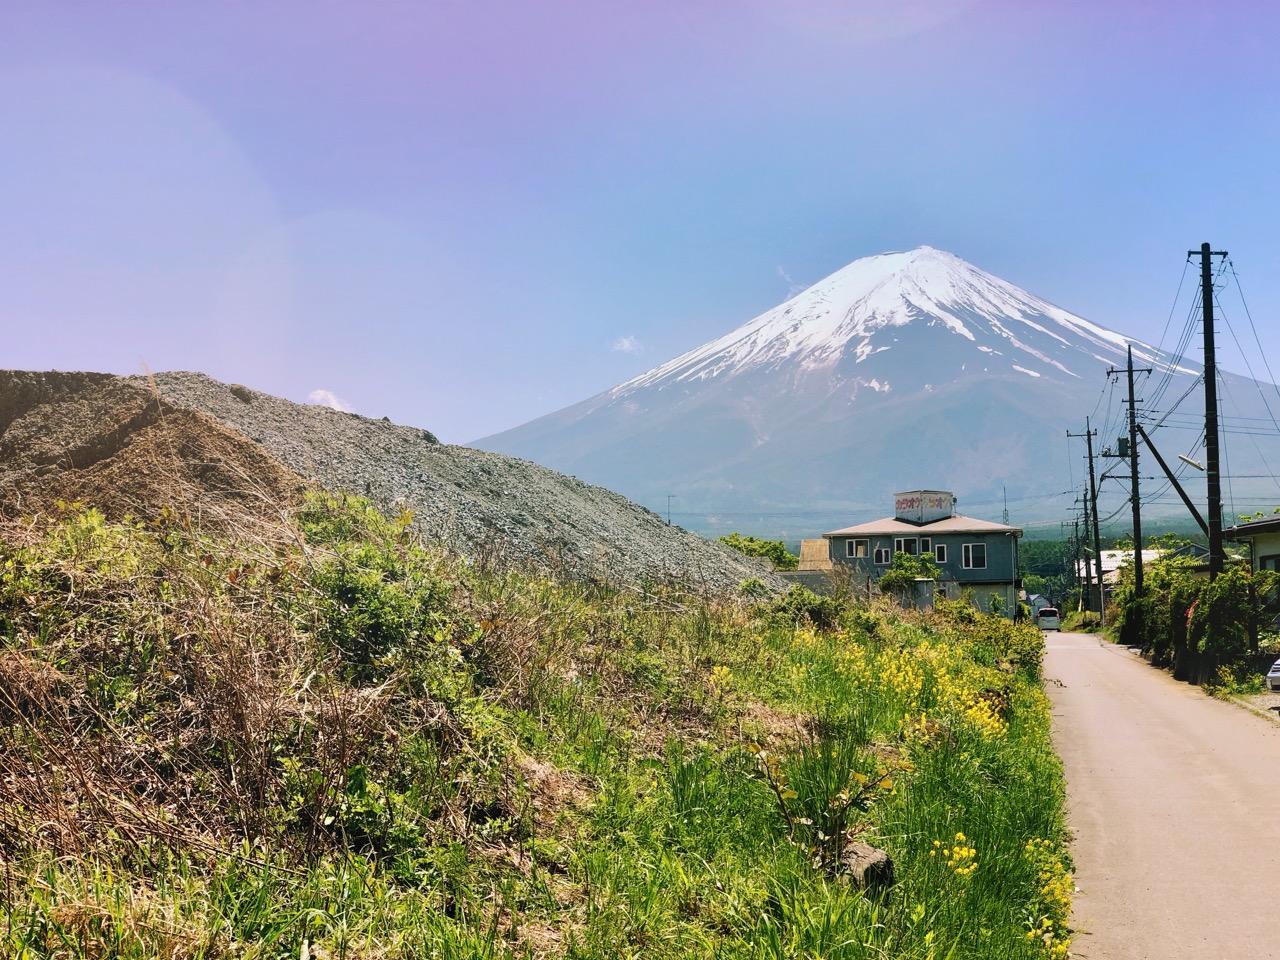 Stunning Mt. Fuji!